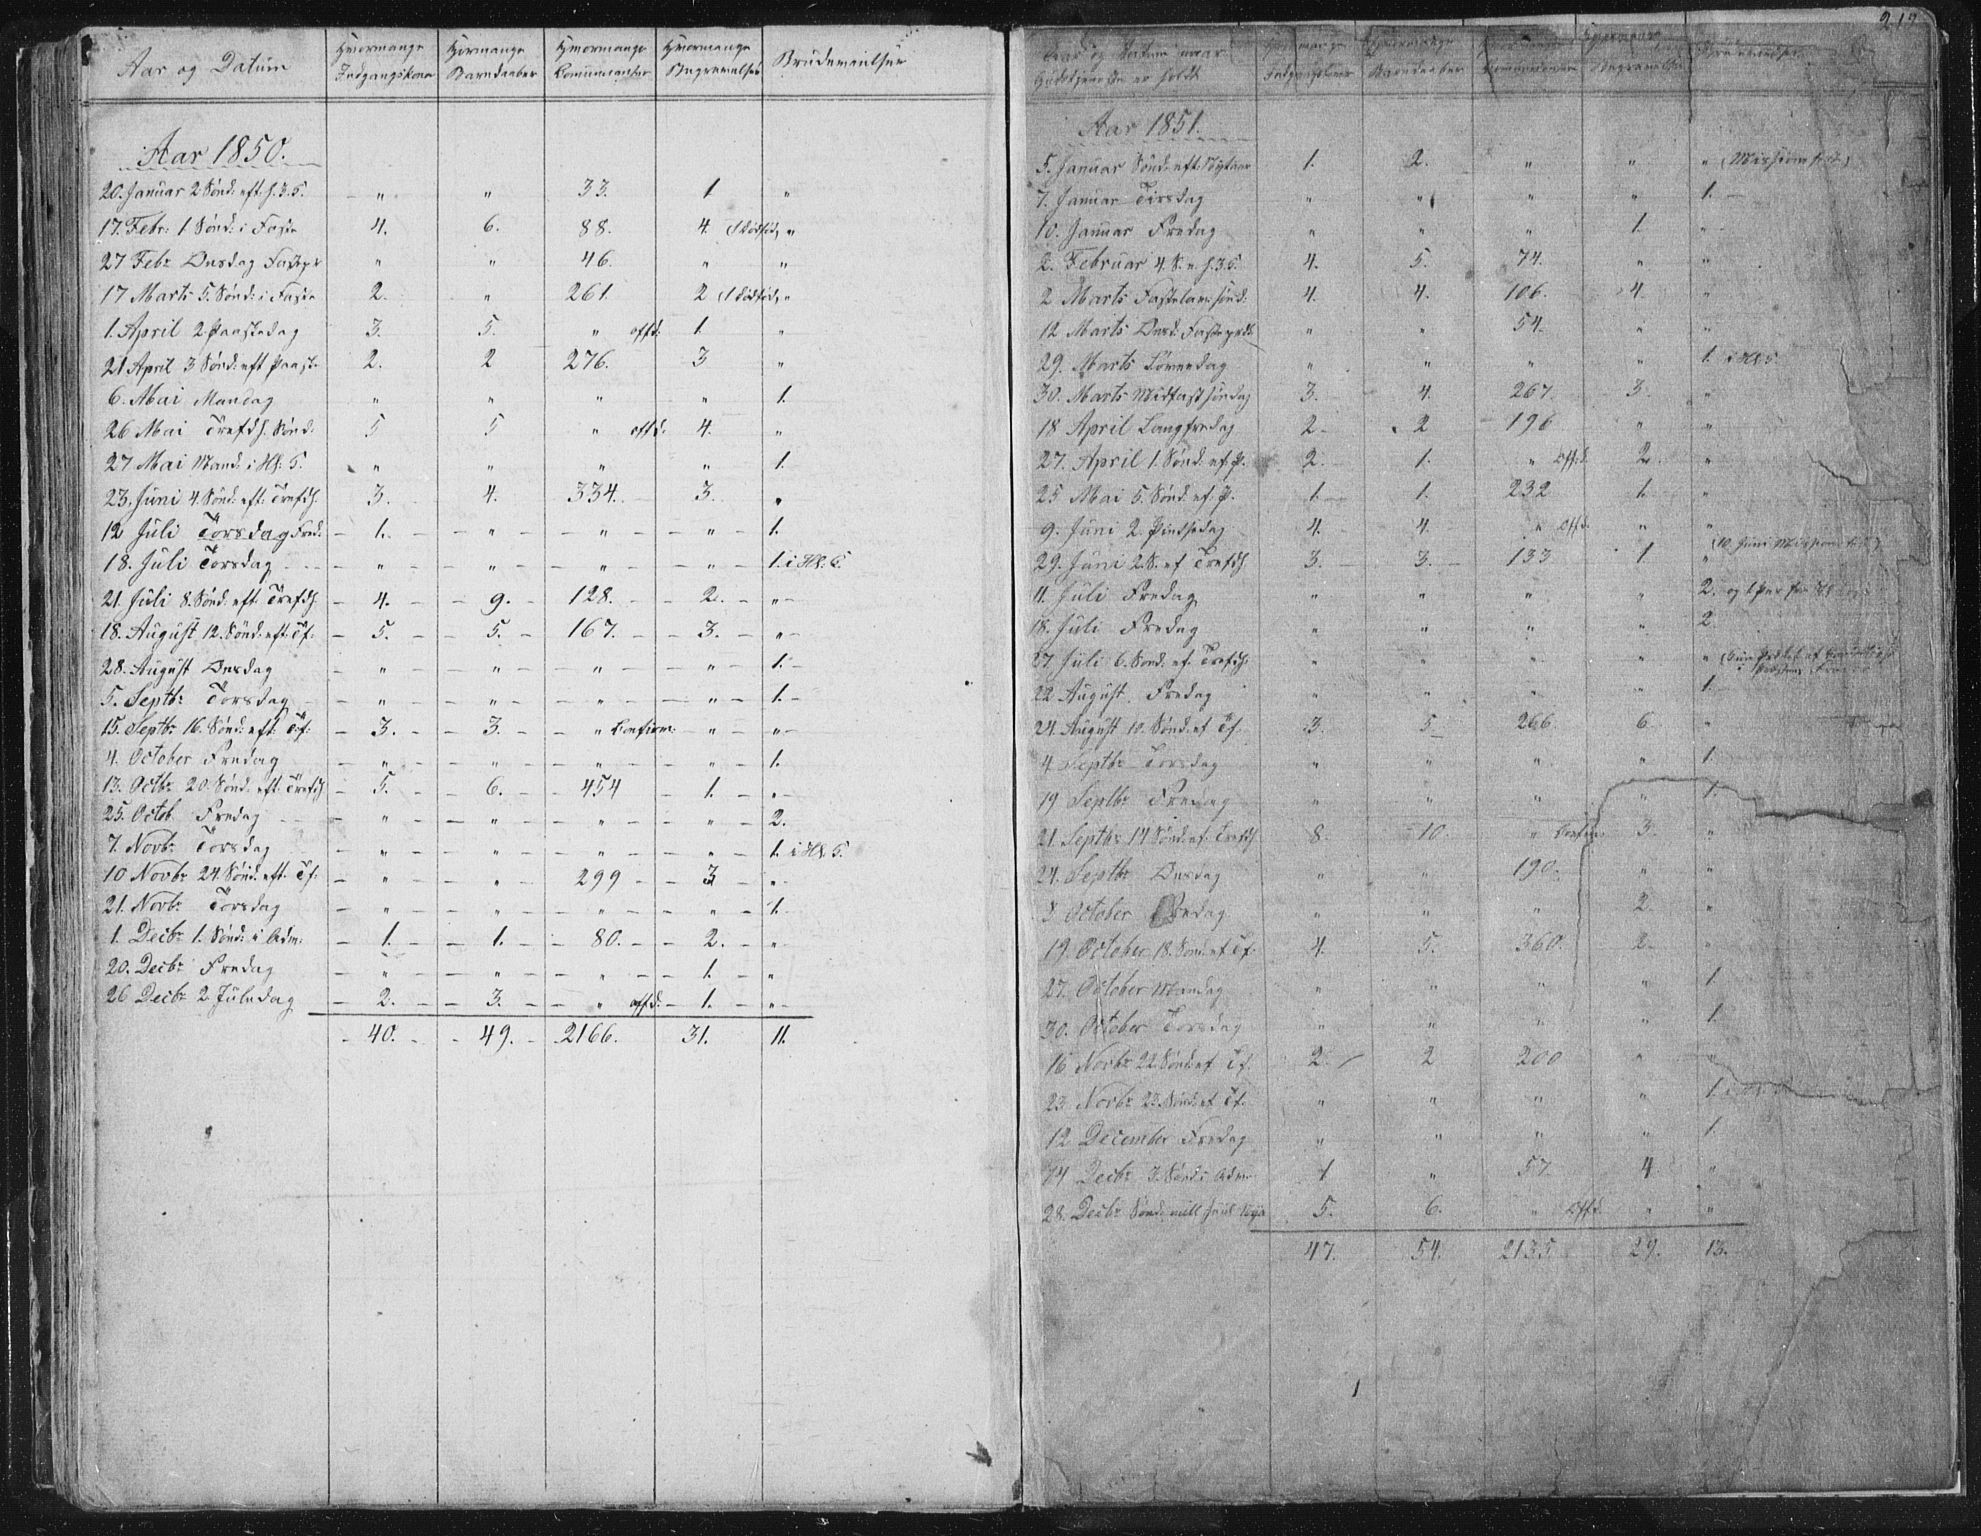 SAT, Ministerialprotokoller, klokkerbøker og fødselsregistre - Sør-Trøndelag, 616/L0406: Ministerialbok nr. 616A03, 1843-1879, s. 218